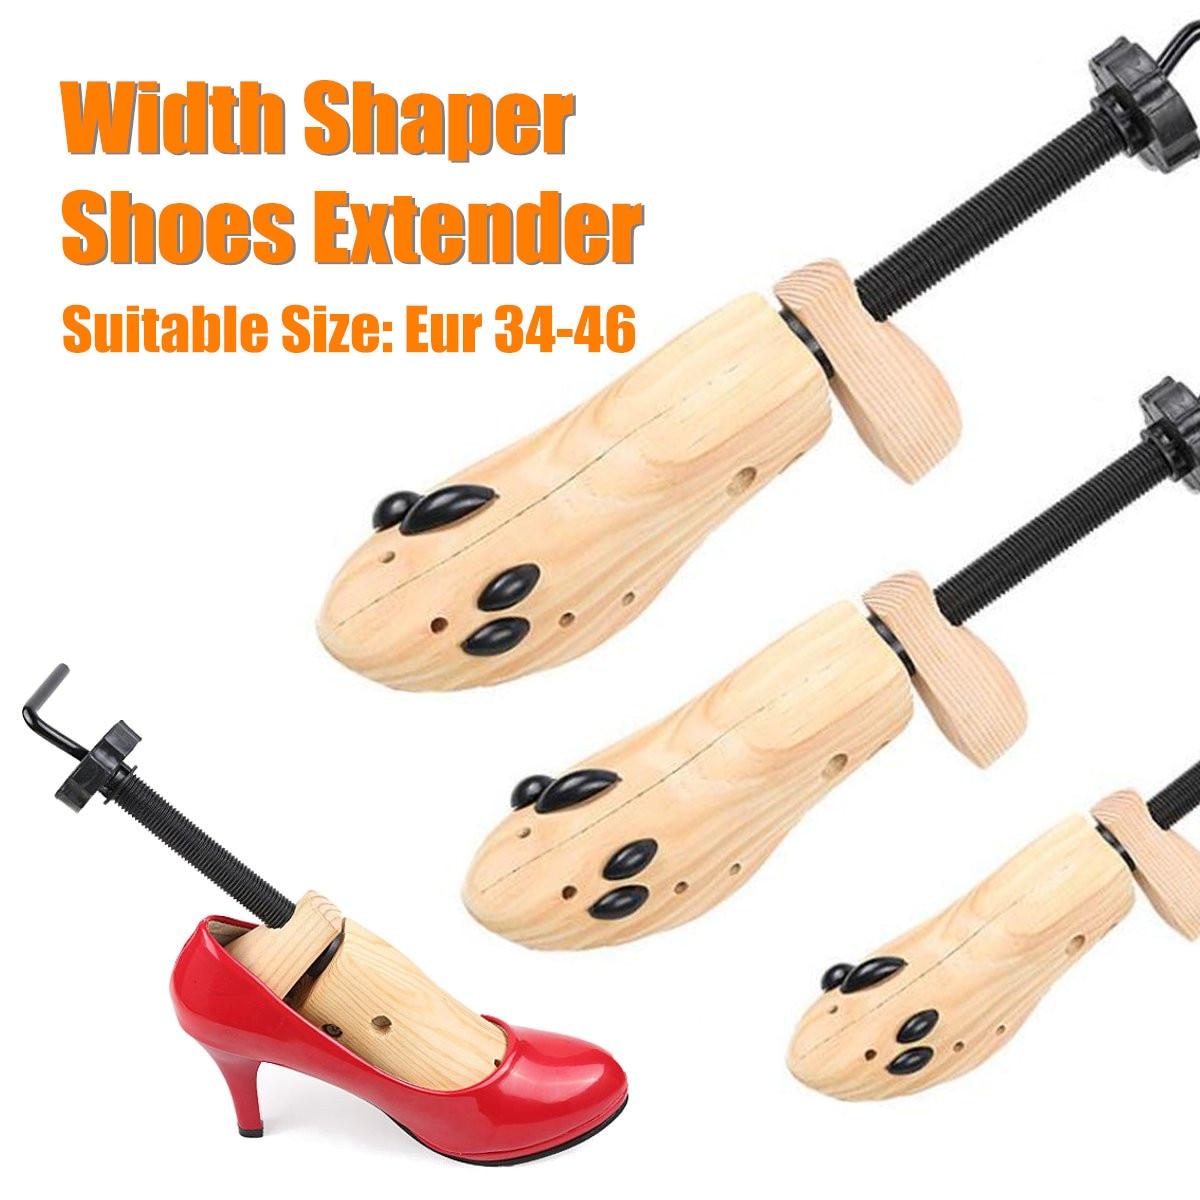 bd7835250 1 шт.; обувь из искусственной кожи; обувь на высоком каблуке с регулируемой  шириной; обувь с подтяжками для деревьев; инструменты для растяжк.